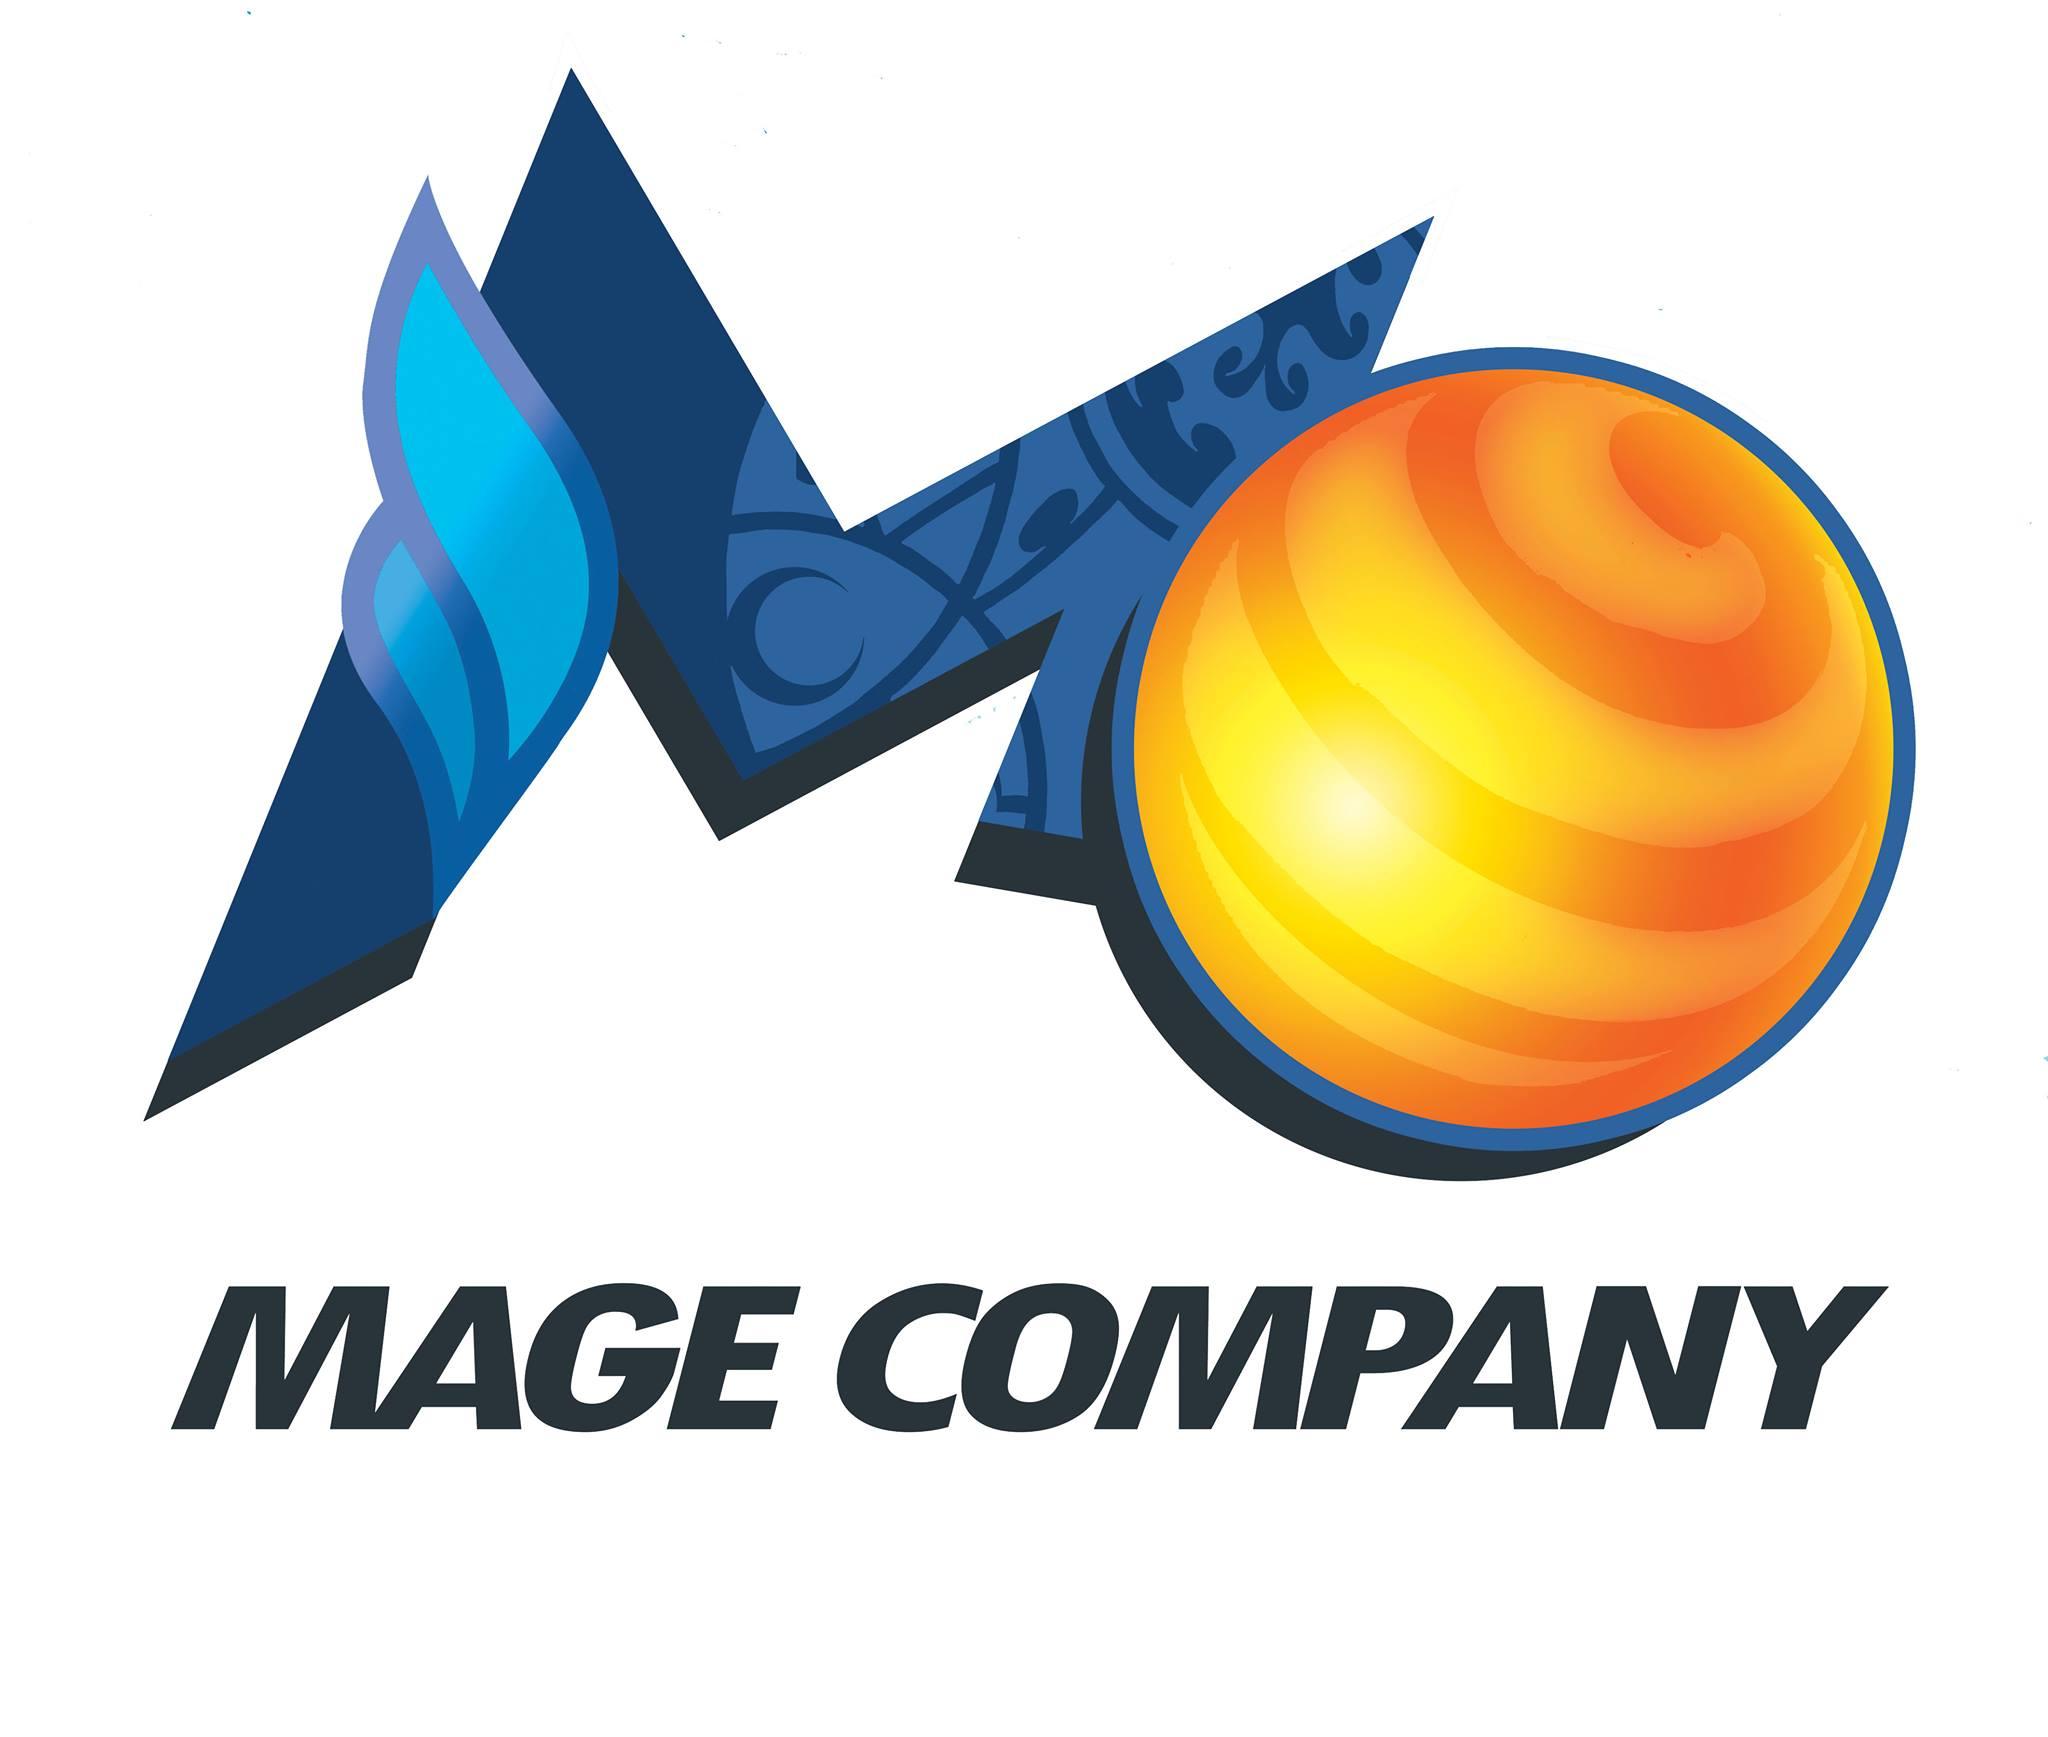 mage company logo